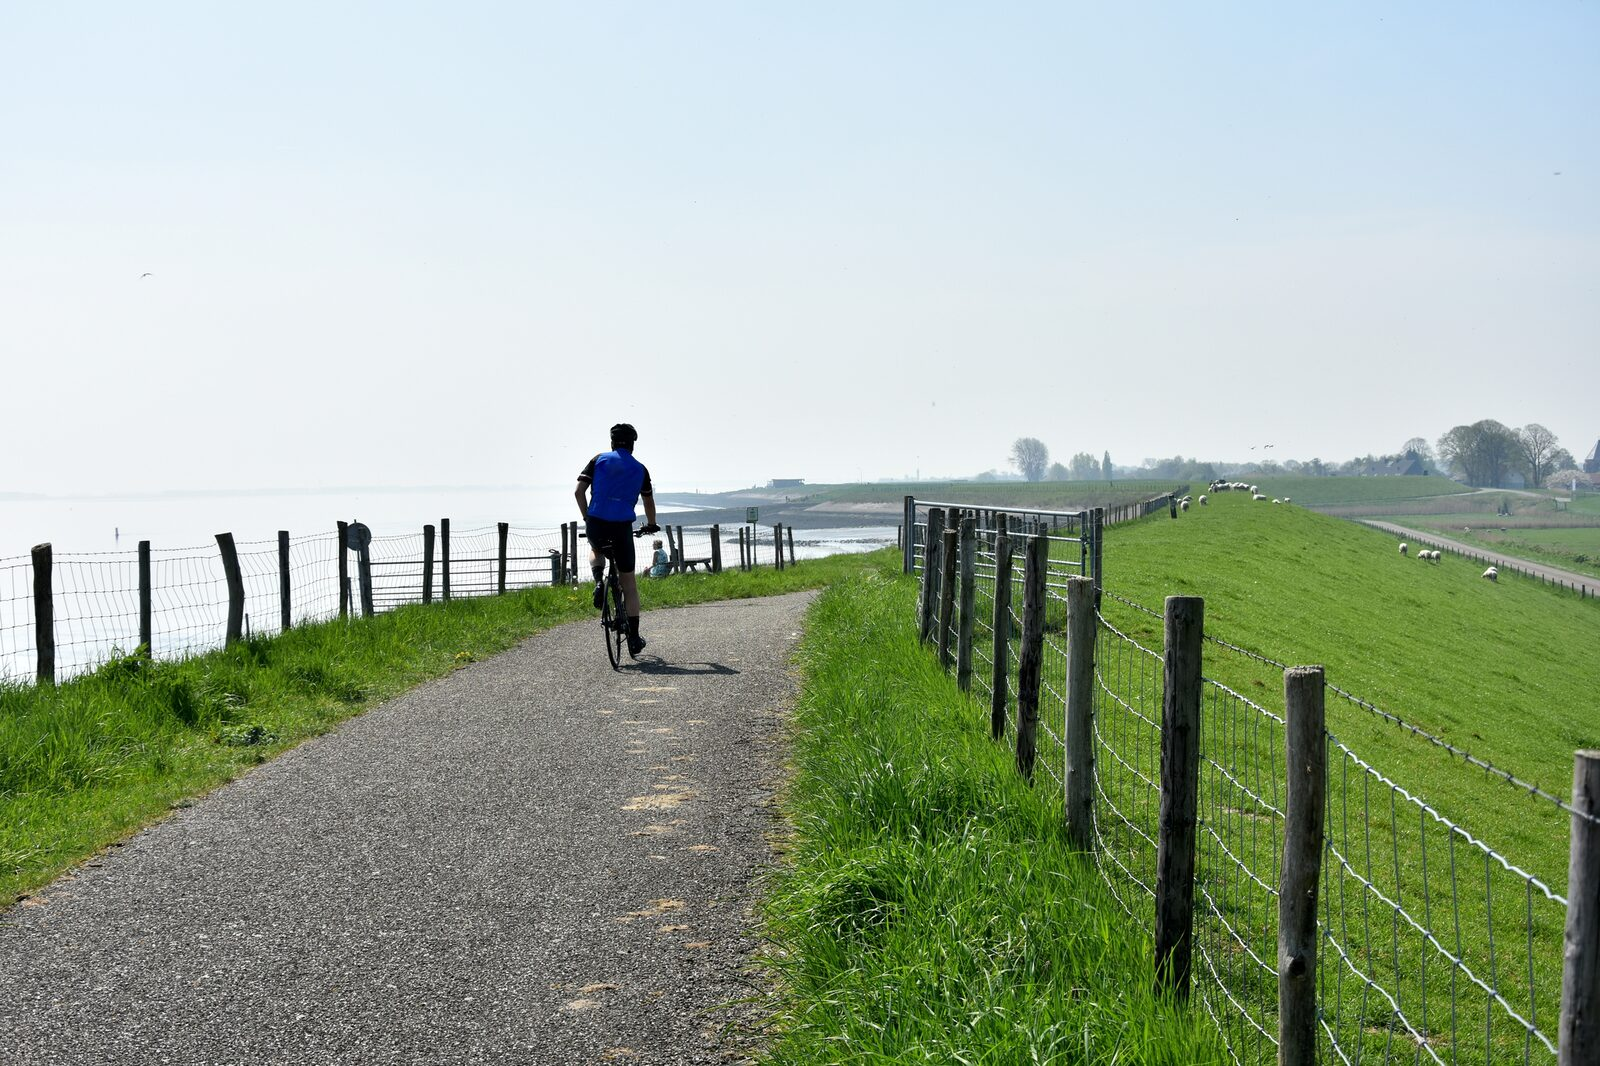 Chalet - Ferienpark Fort den Haak | Vrouwenpolder